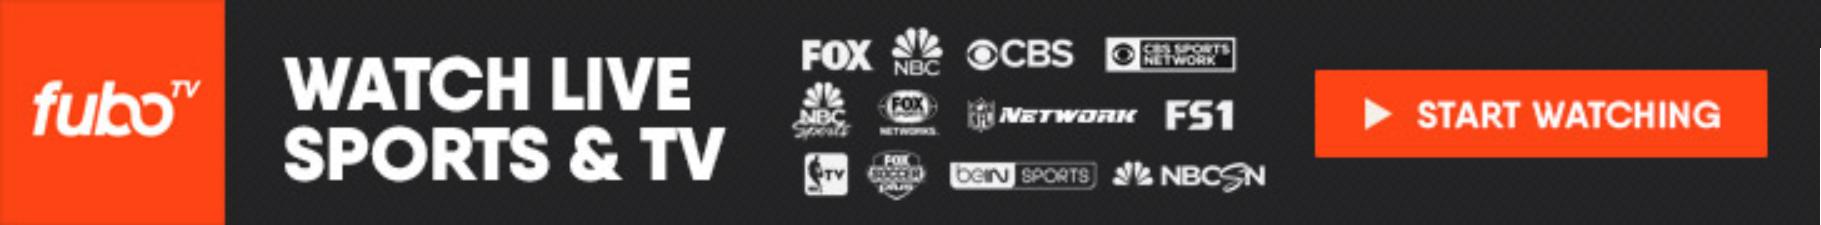 Super Bowl live stream free